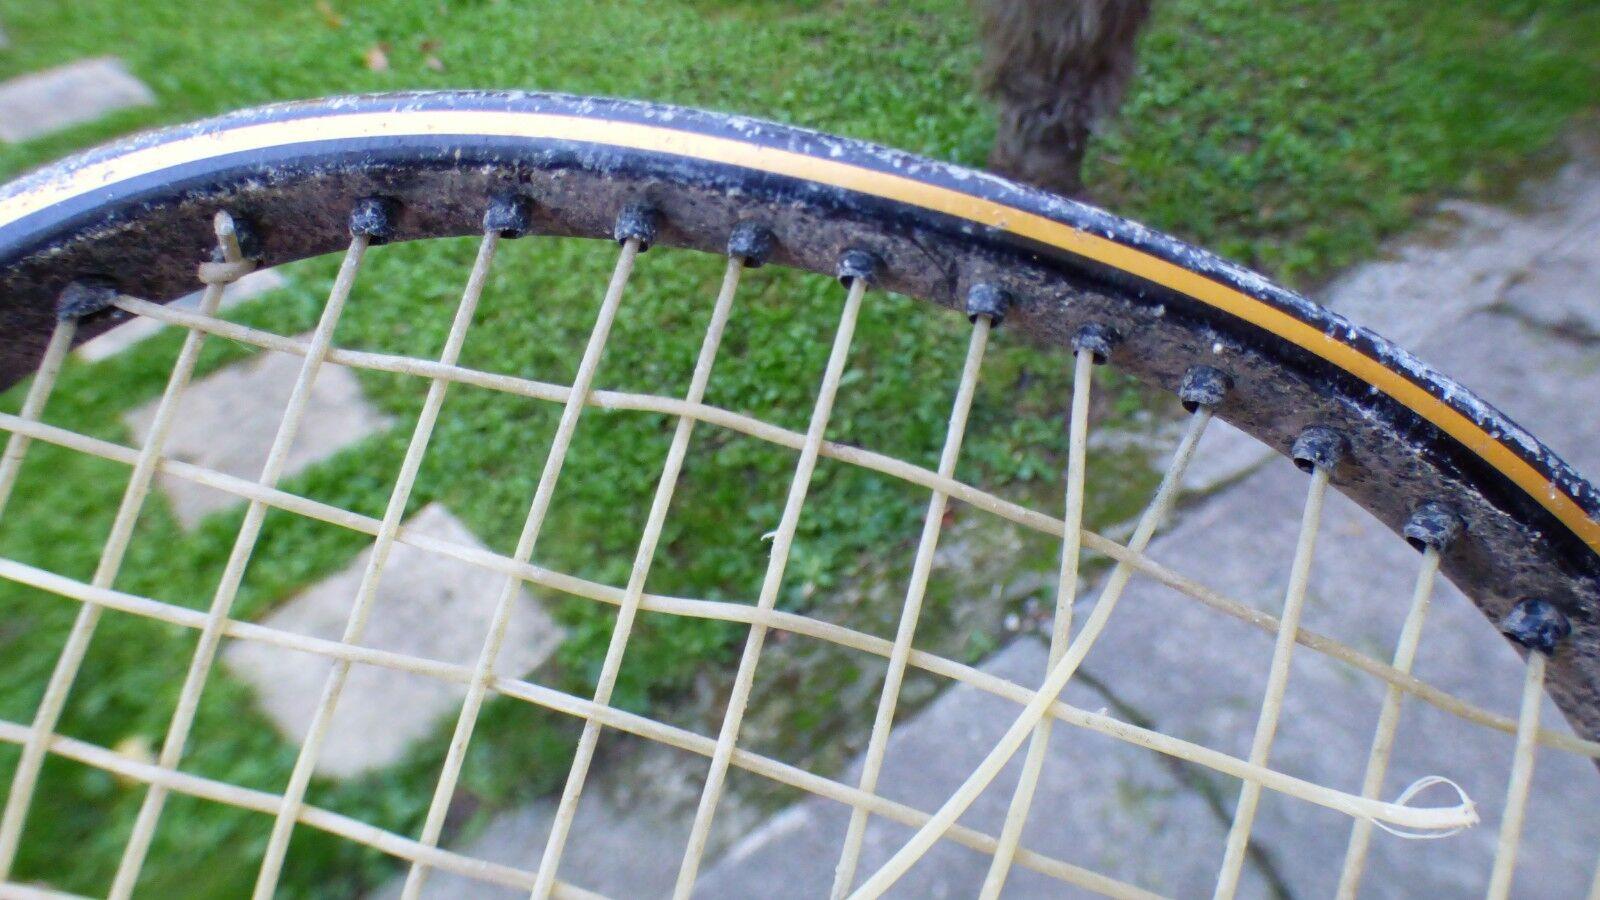 2er-set Racchette da tennis Gauthier centro dimensioni g.11 con con con coperchio L 3 2ca616